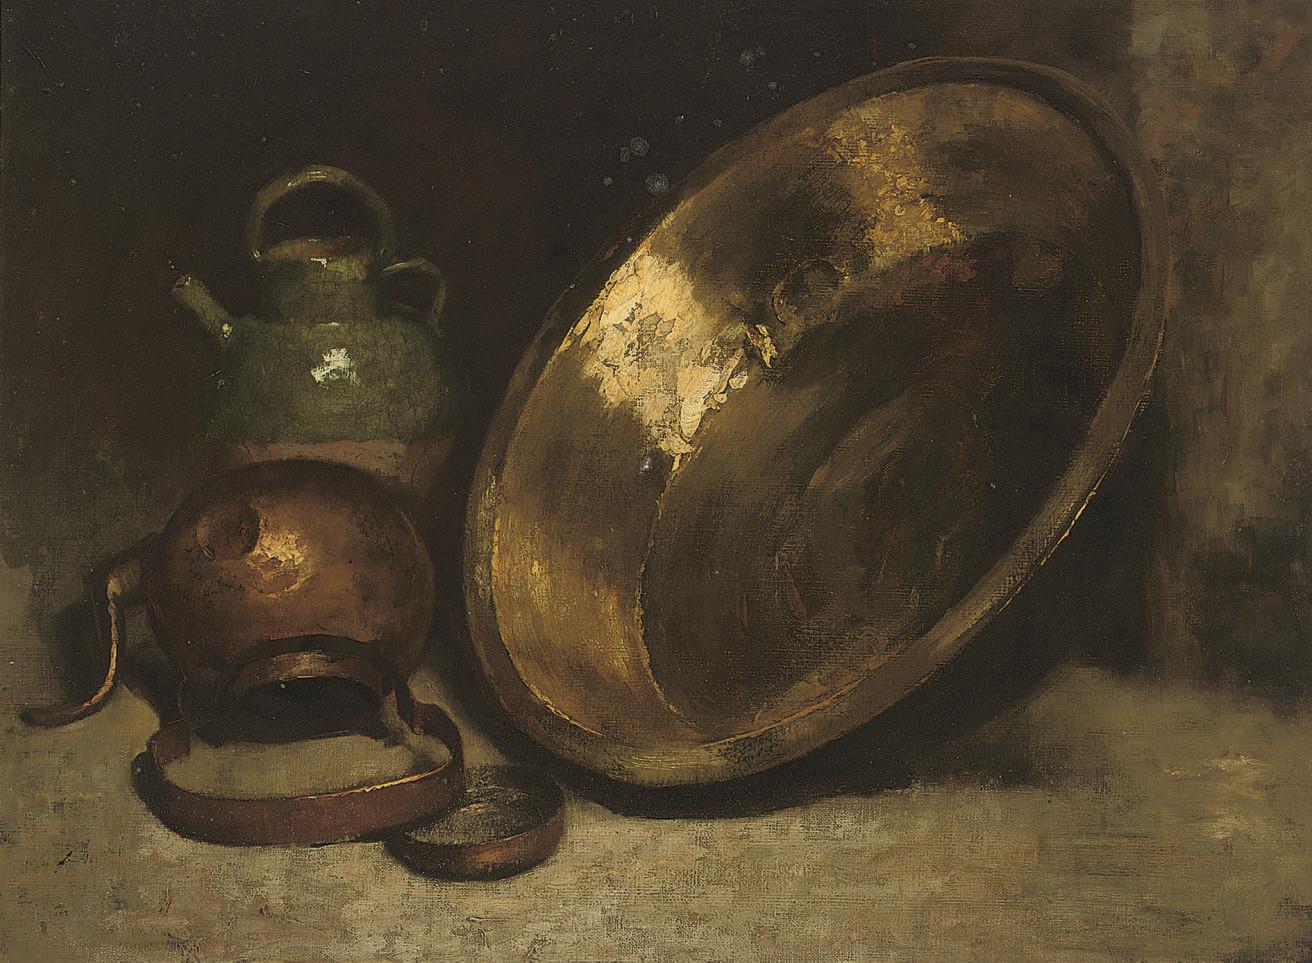 Still life of kitchen utensils